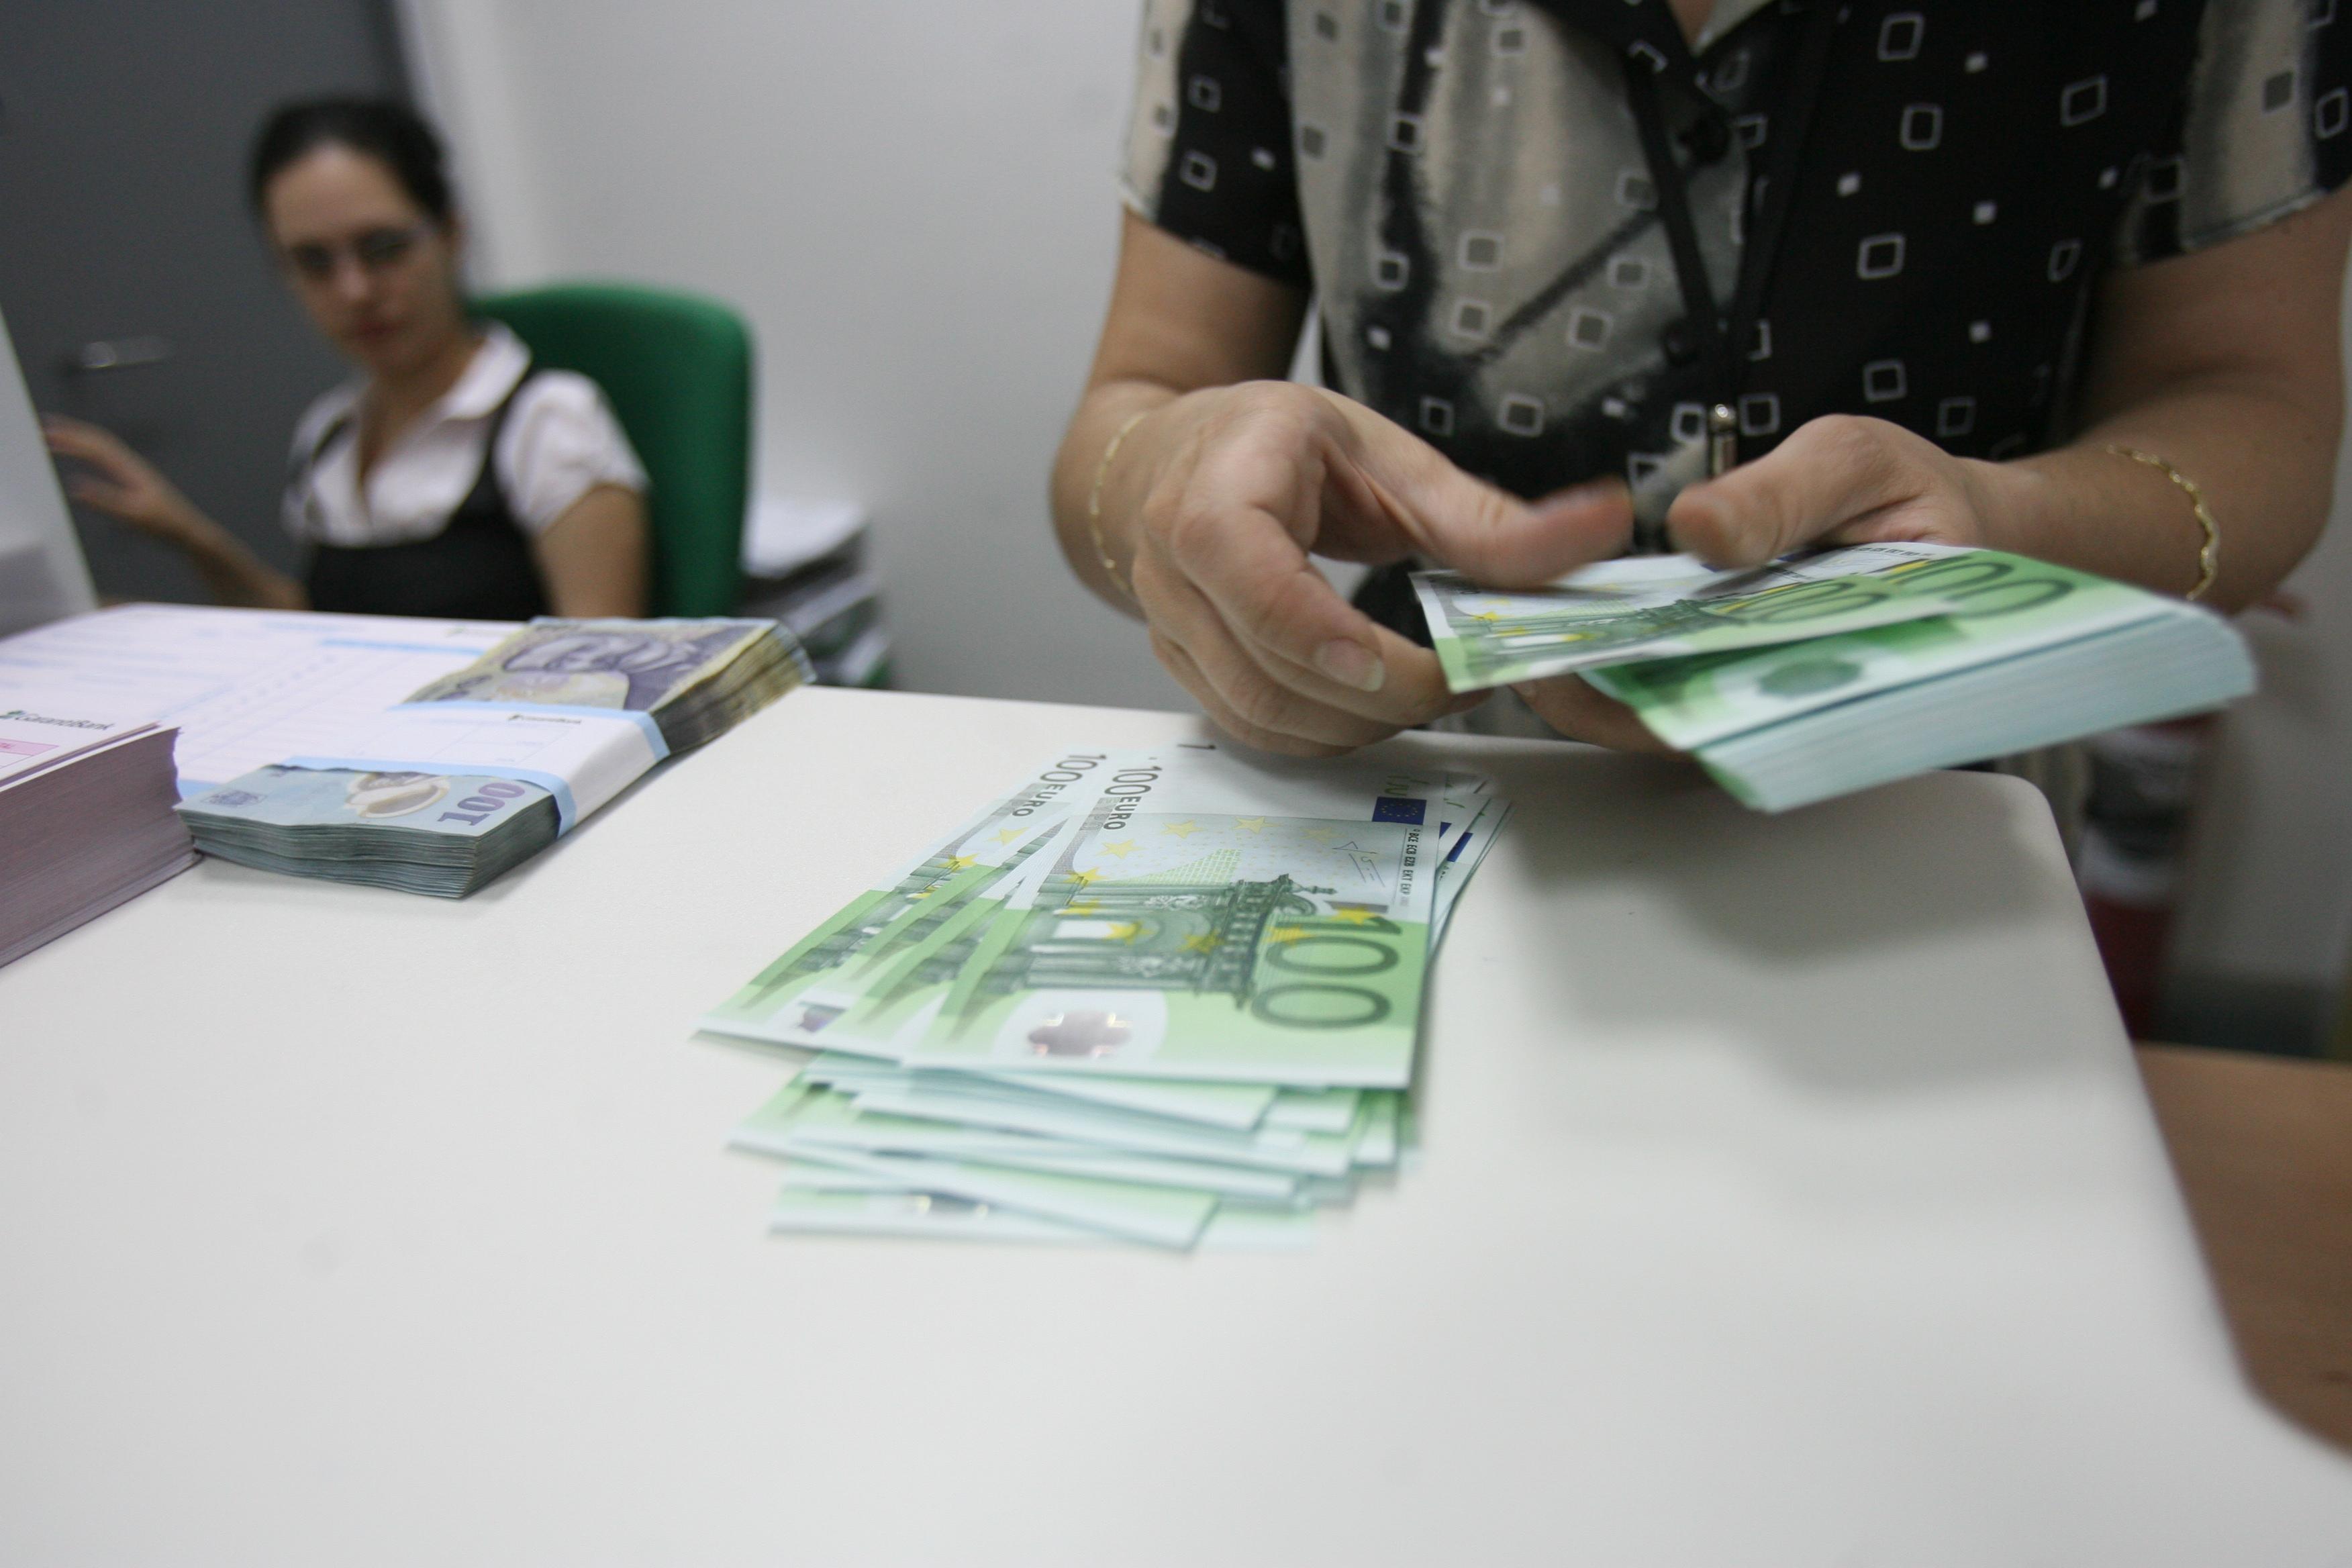 """Ovidiu Nicolescu: """"În România, creditele sunt de peste două ori mai scumpe comparativ cu media europeană!"""""""